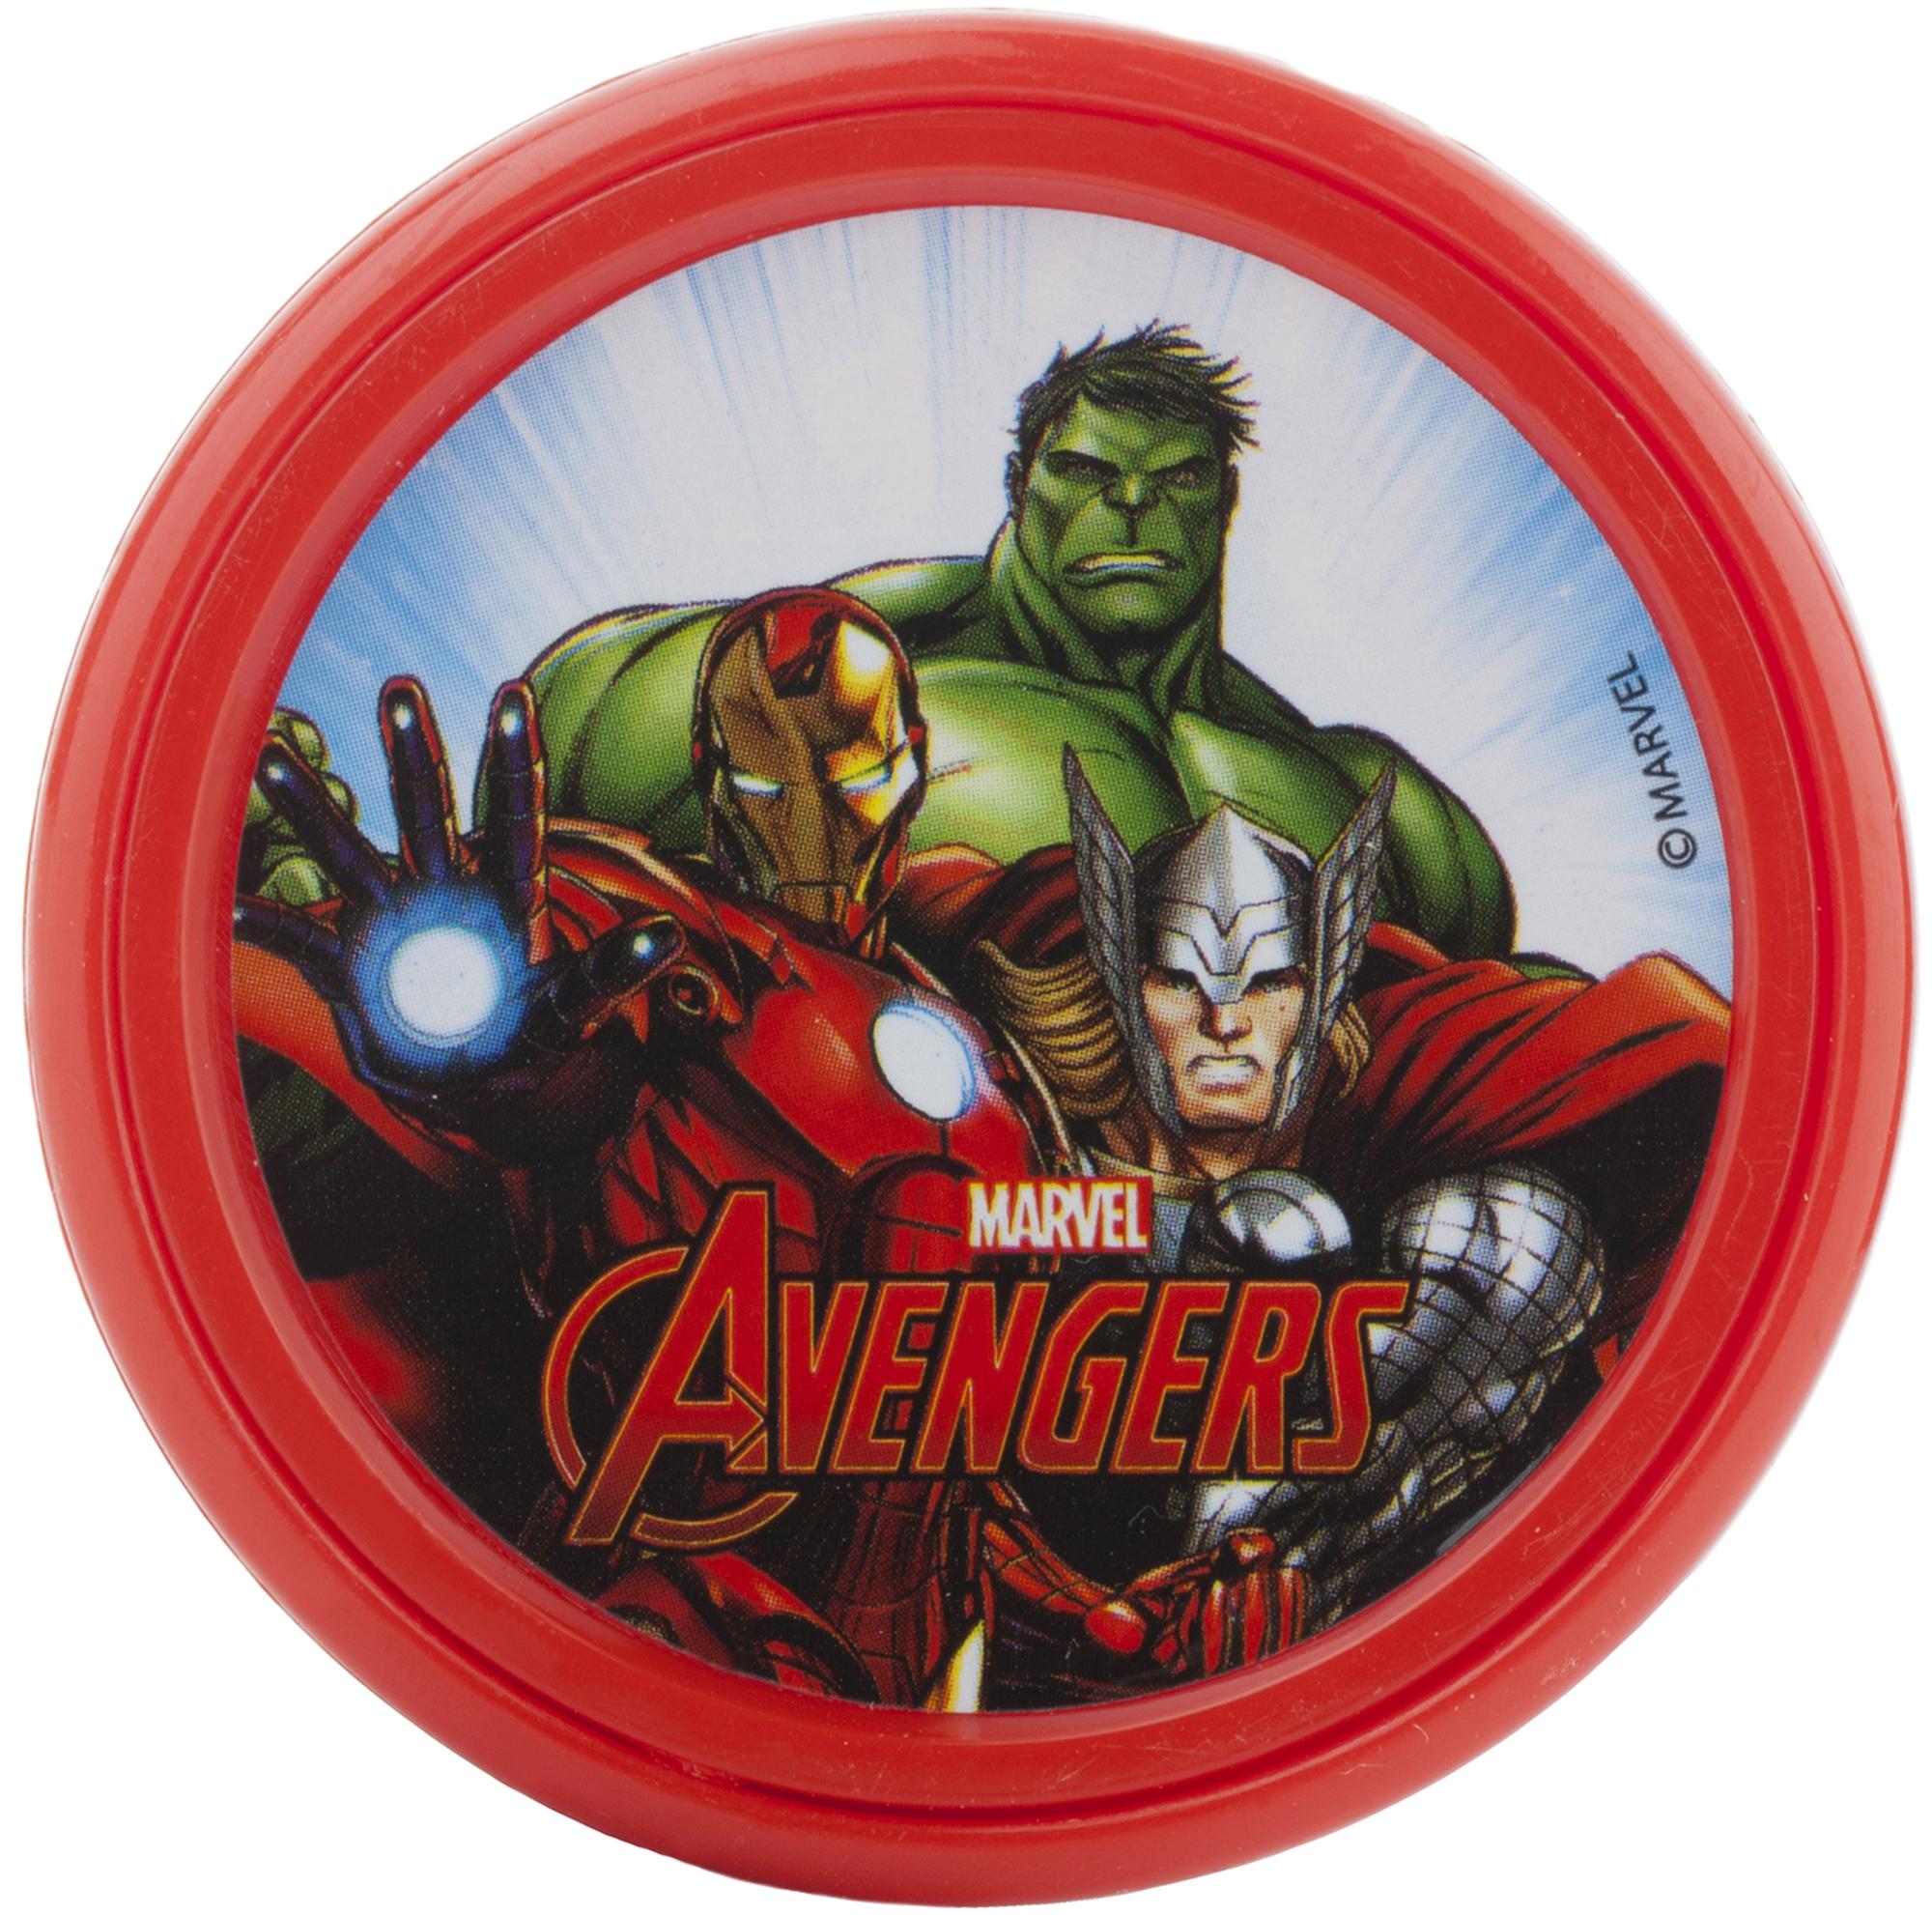 Torneo Игра Йо-йо Torneo, Marvel Avengers